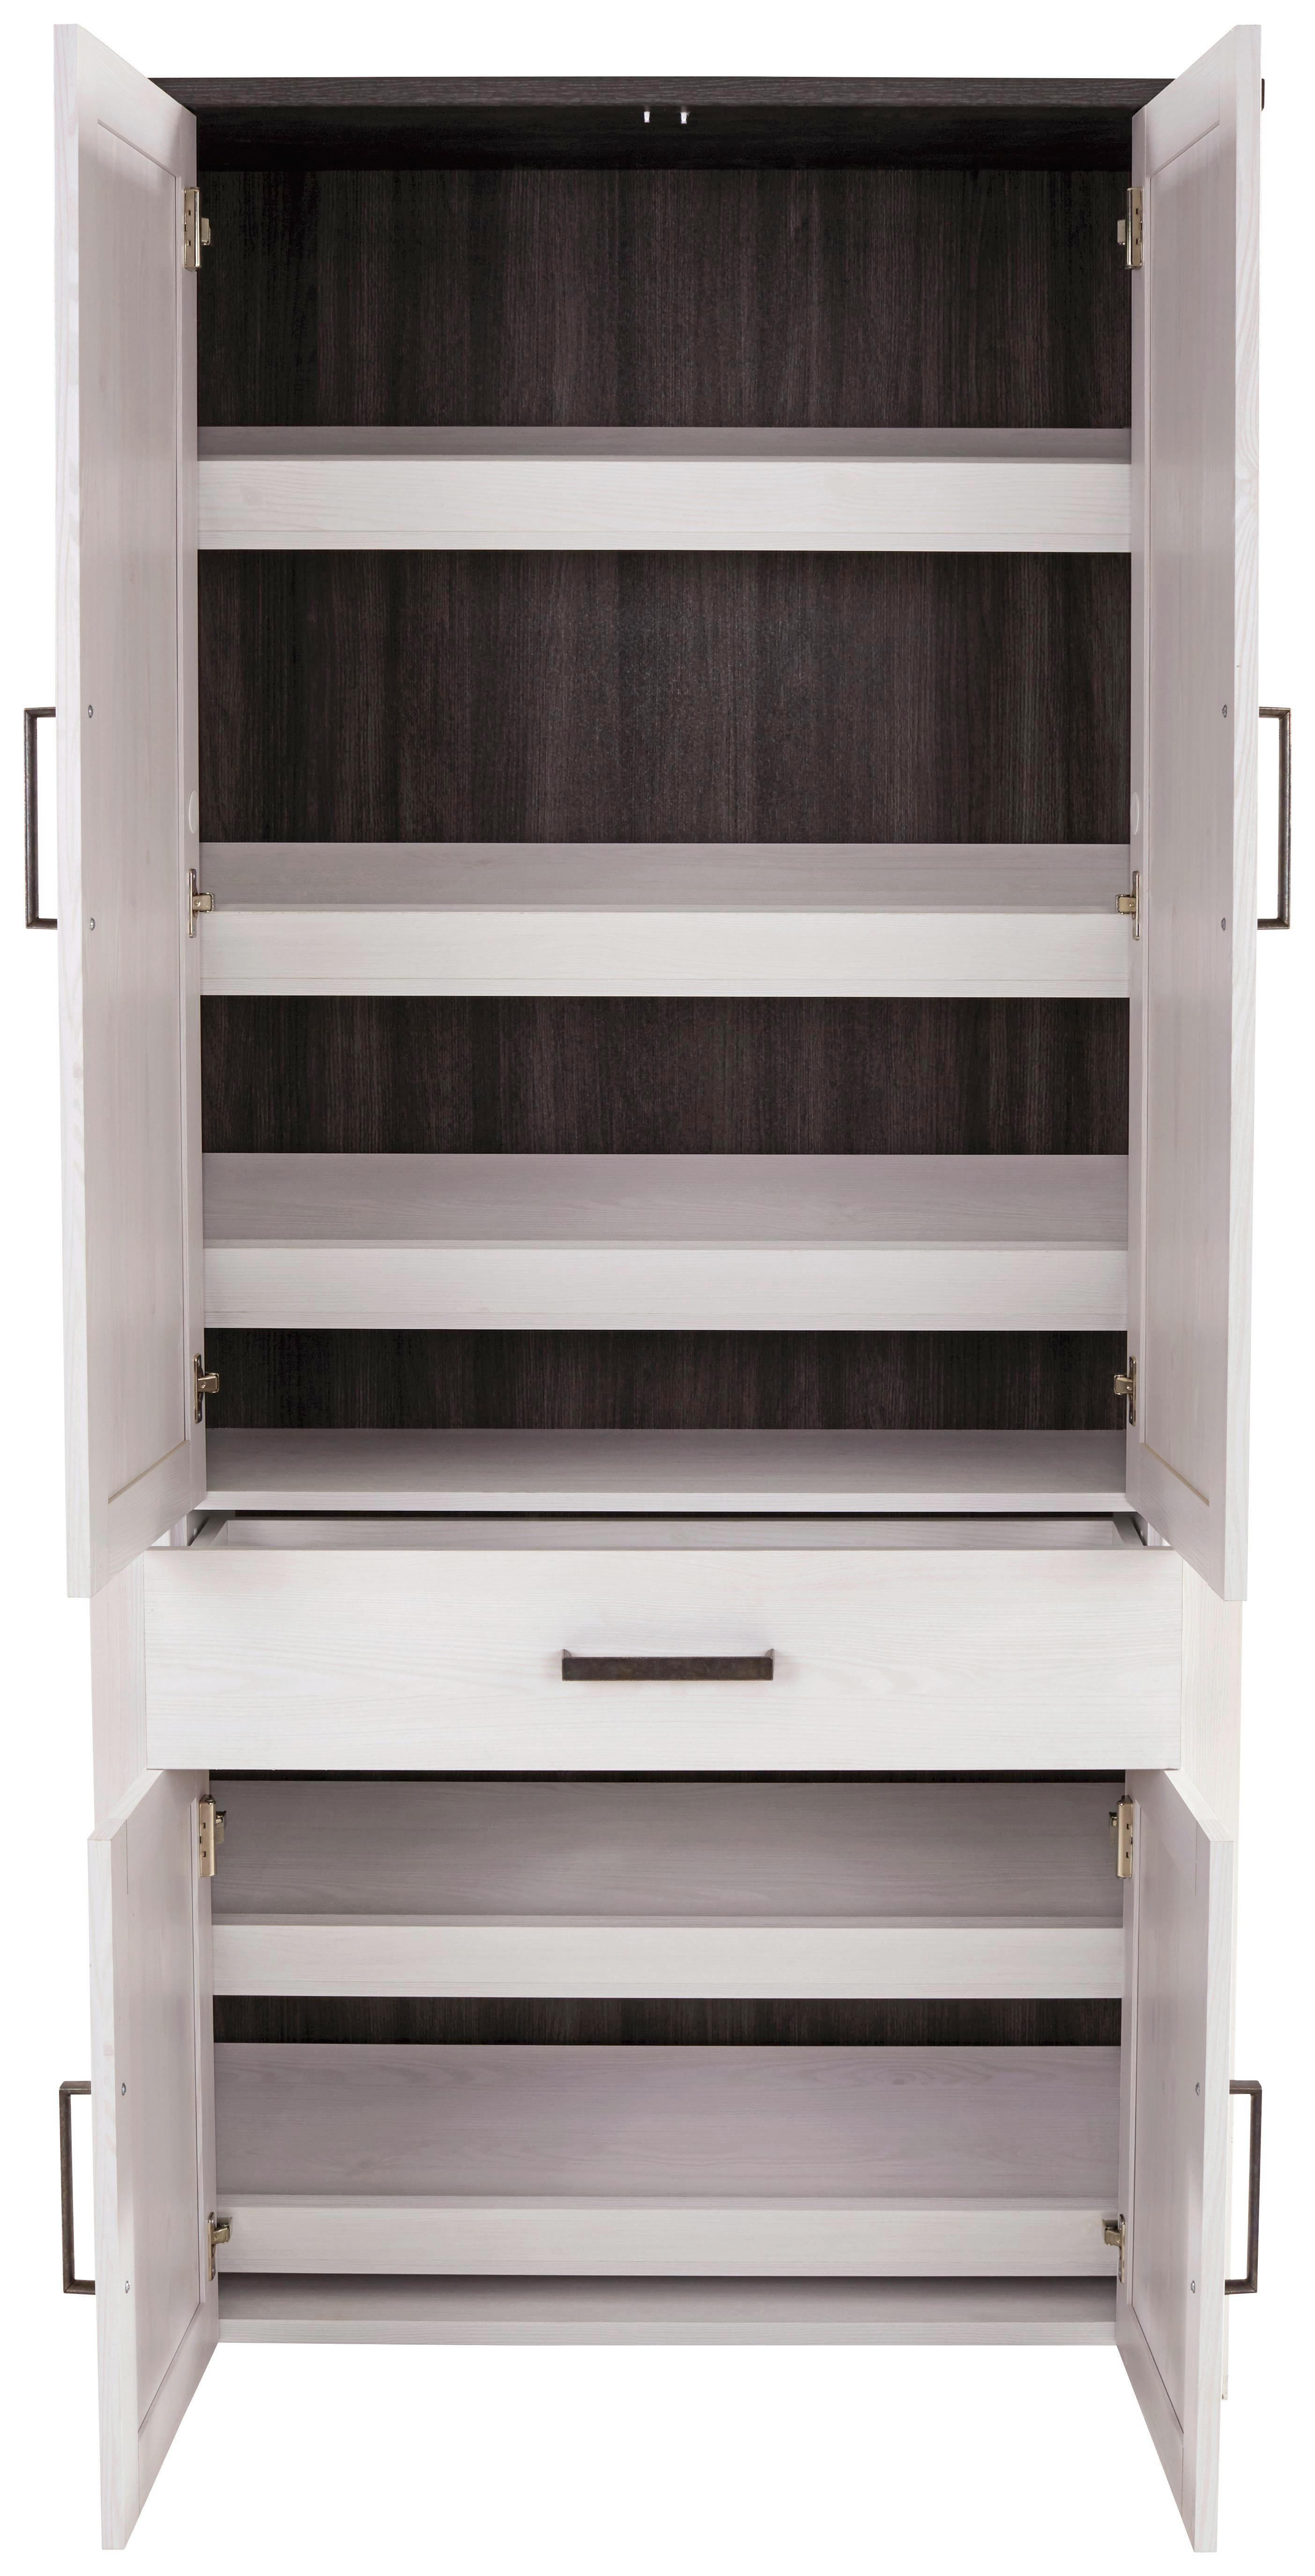 Előszobaszekrény Provence - fehér/wenge színű, modern, faanyagok (98/200/42cm) - JAMES WOOD